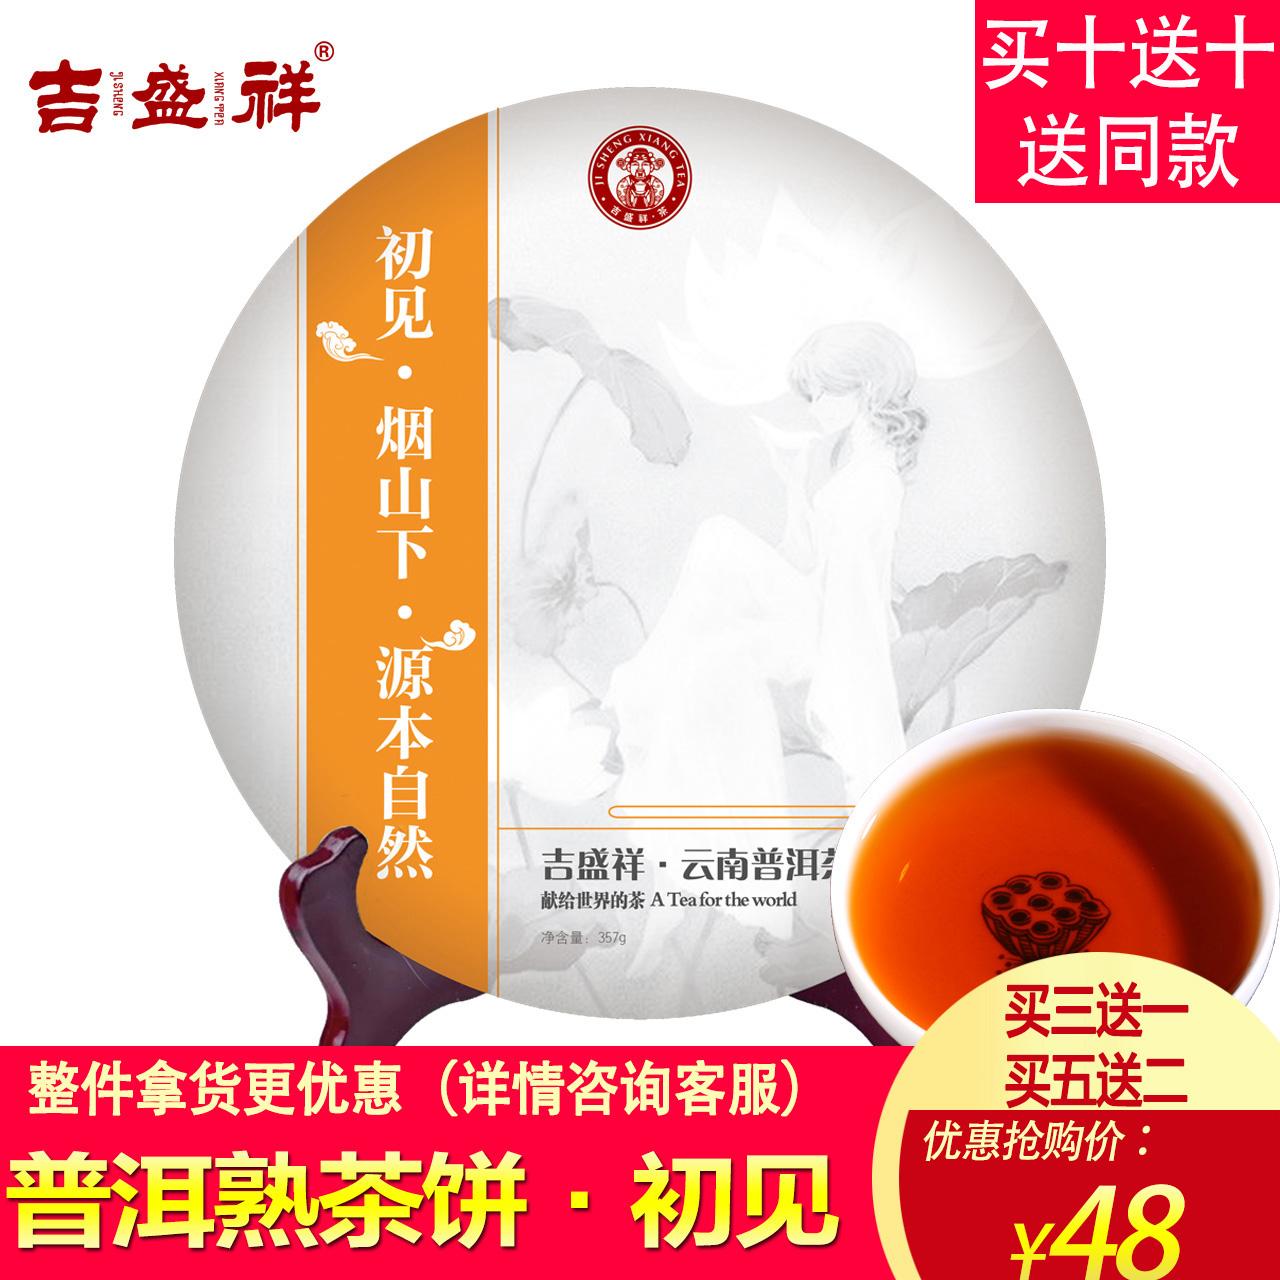 吉盛祥 云南普洱茶熟茶 5年-10年 饼茶357克 陈年古树普洱 初见